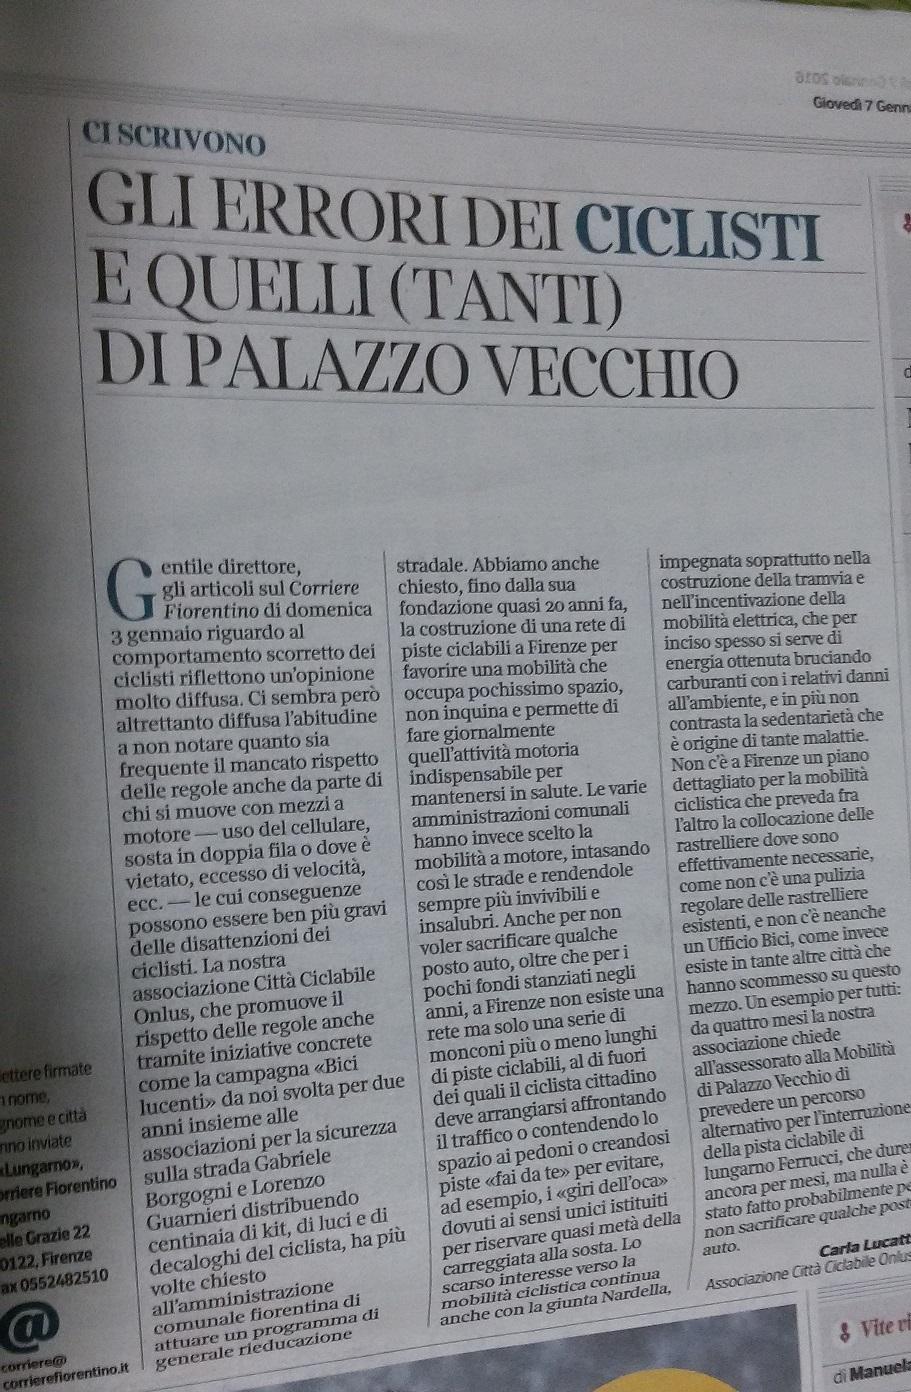 Corriere -Fiorentino 7Genn16 - Copia